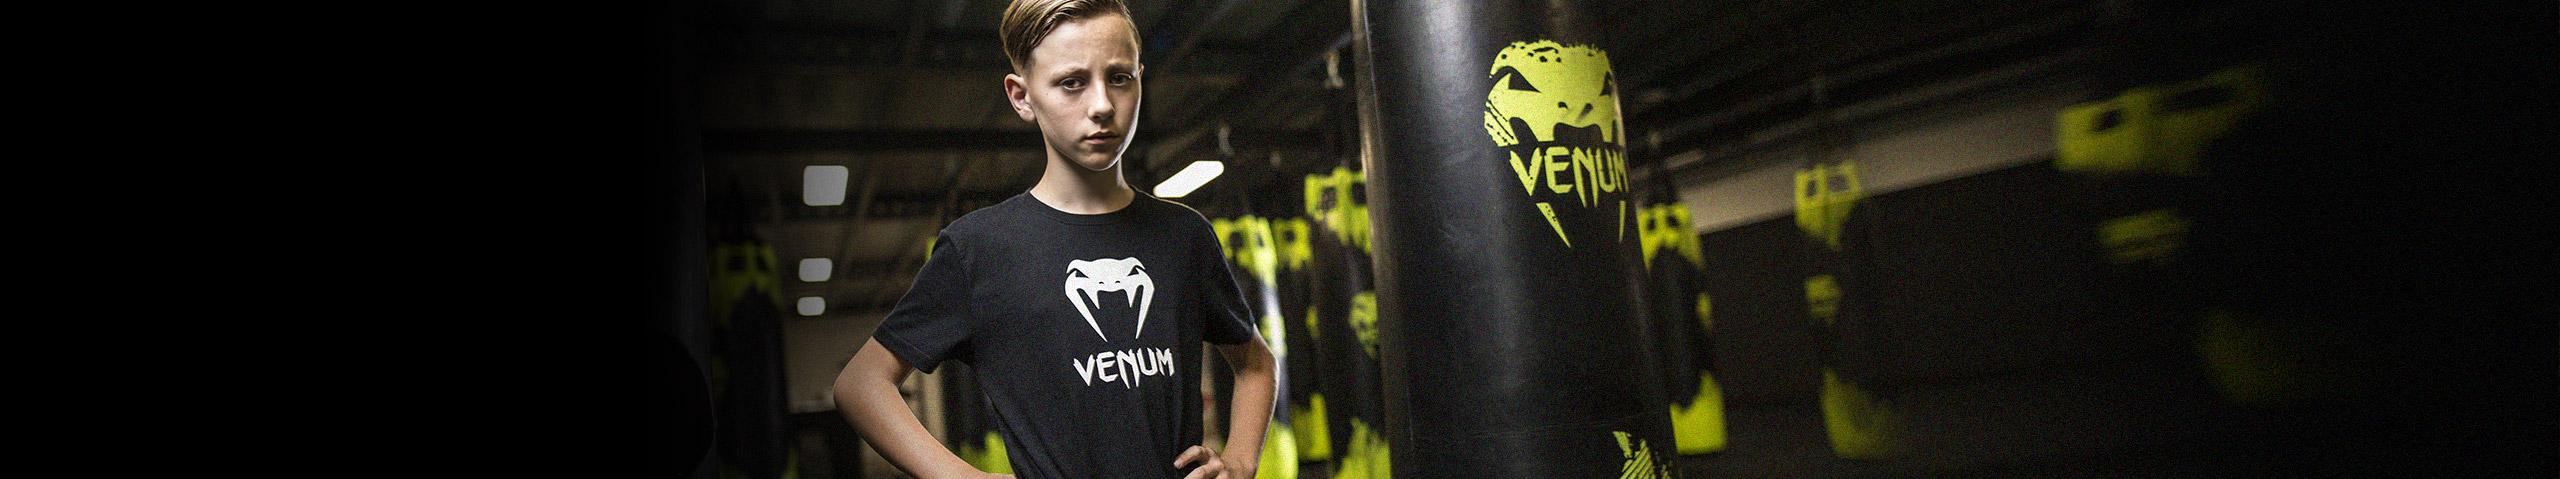 Venum enfant : tous les produits Venum pour enfants - Venum.com France